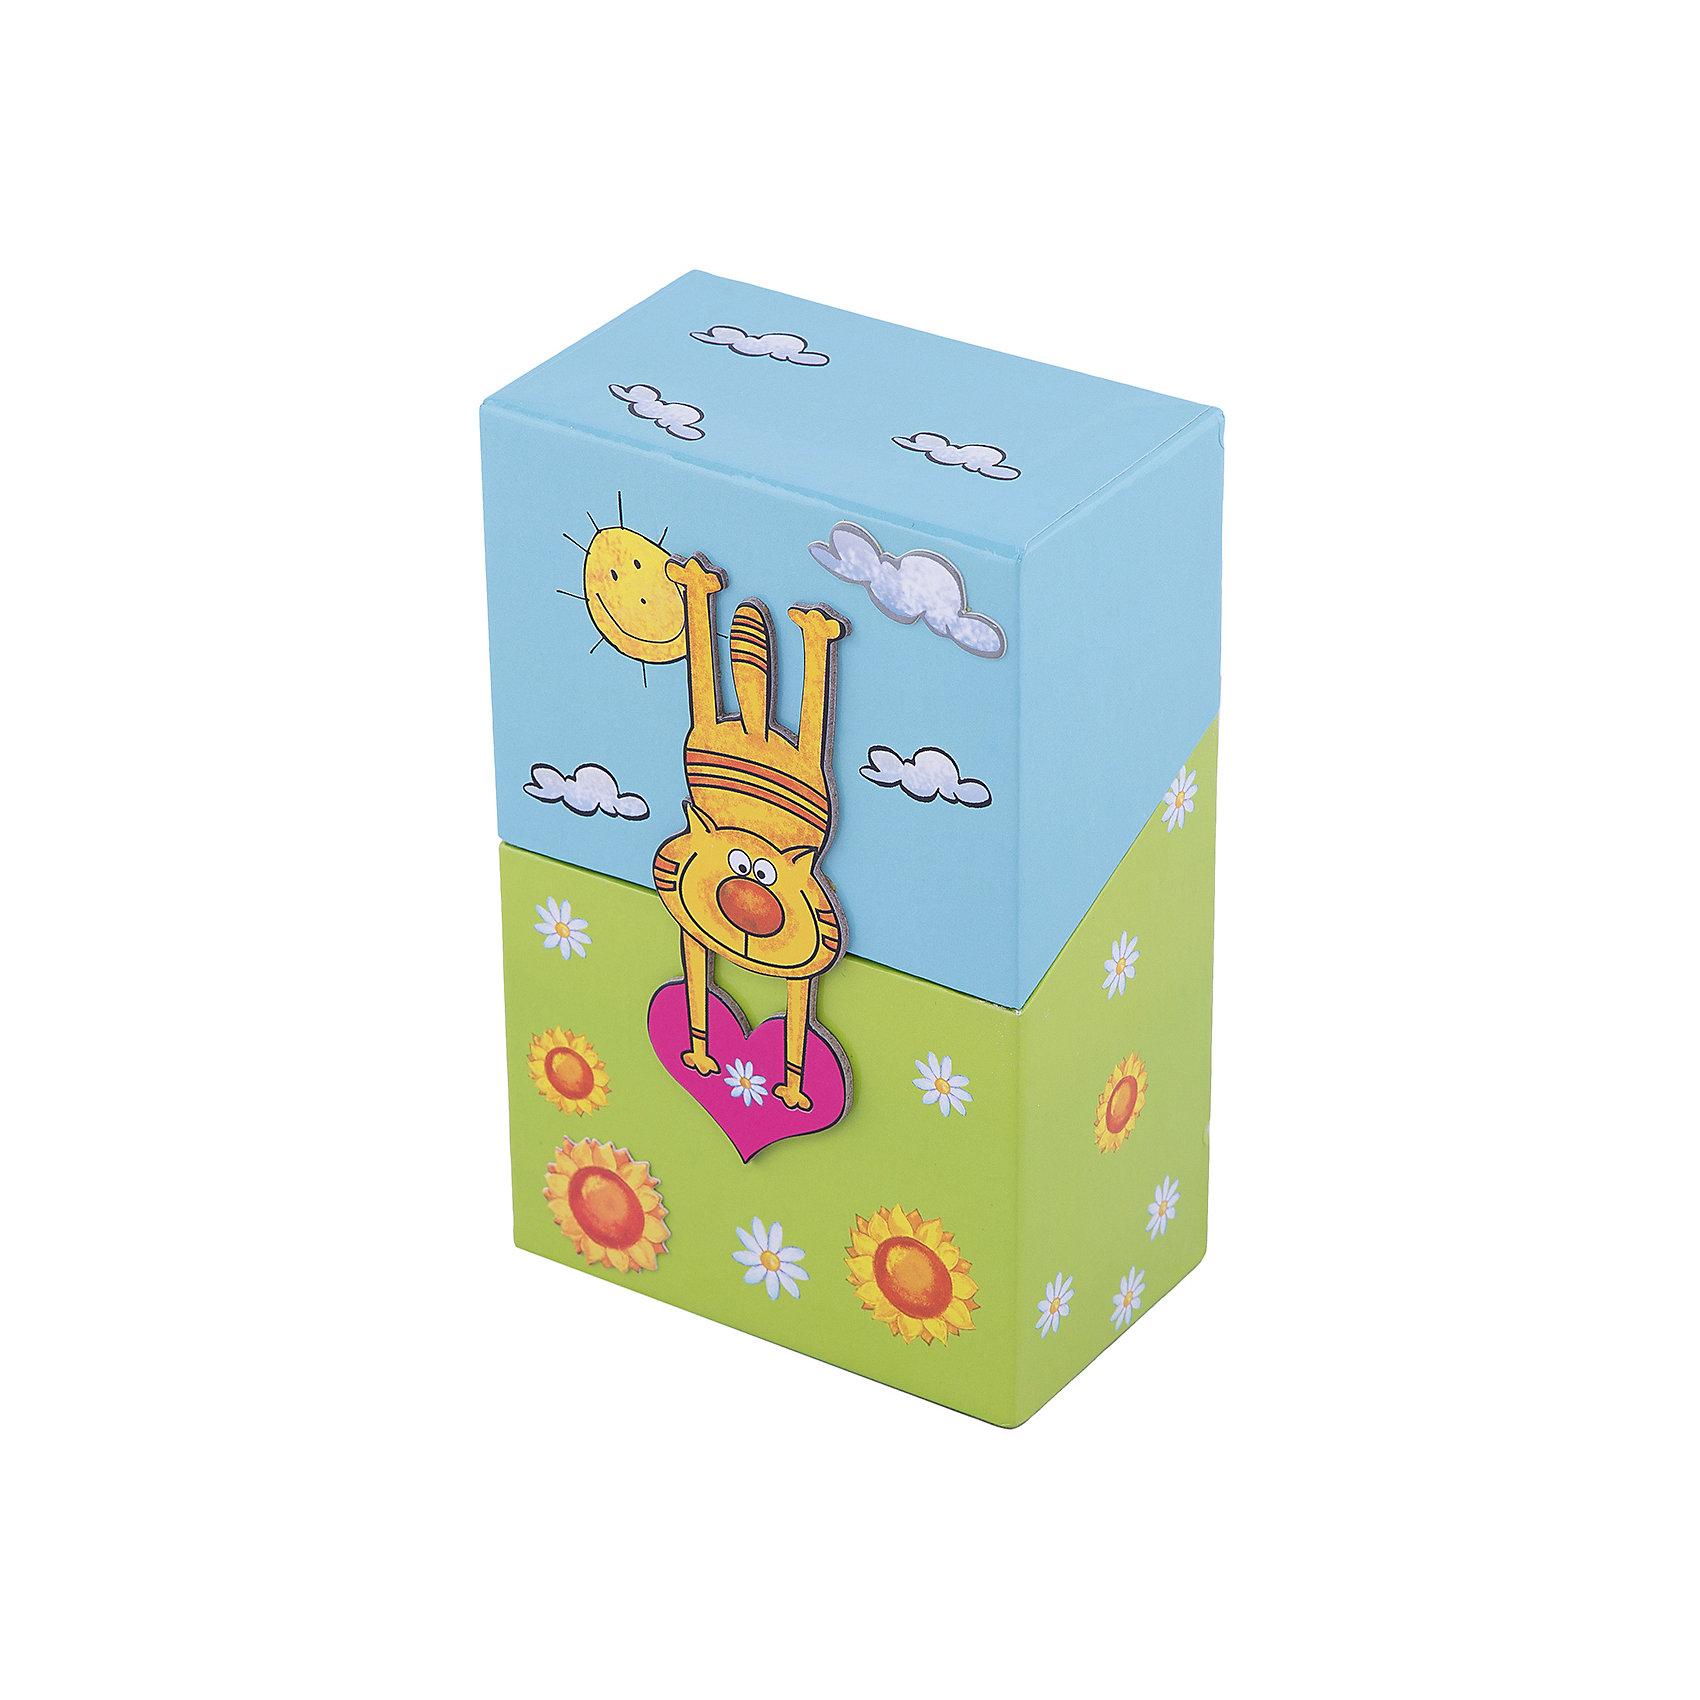 Феникс+ Подарочный канцелярский набор Котик (2 записные книжки, стикер,3 книжные закладки) записные книжки блока